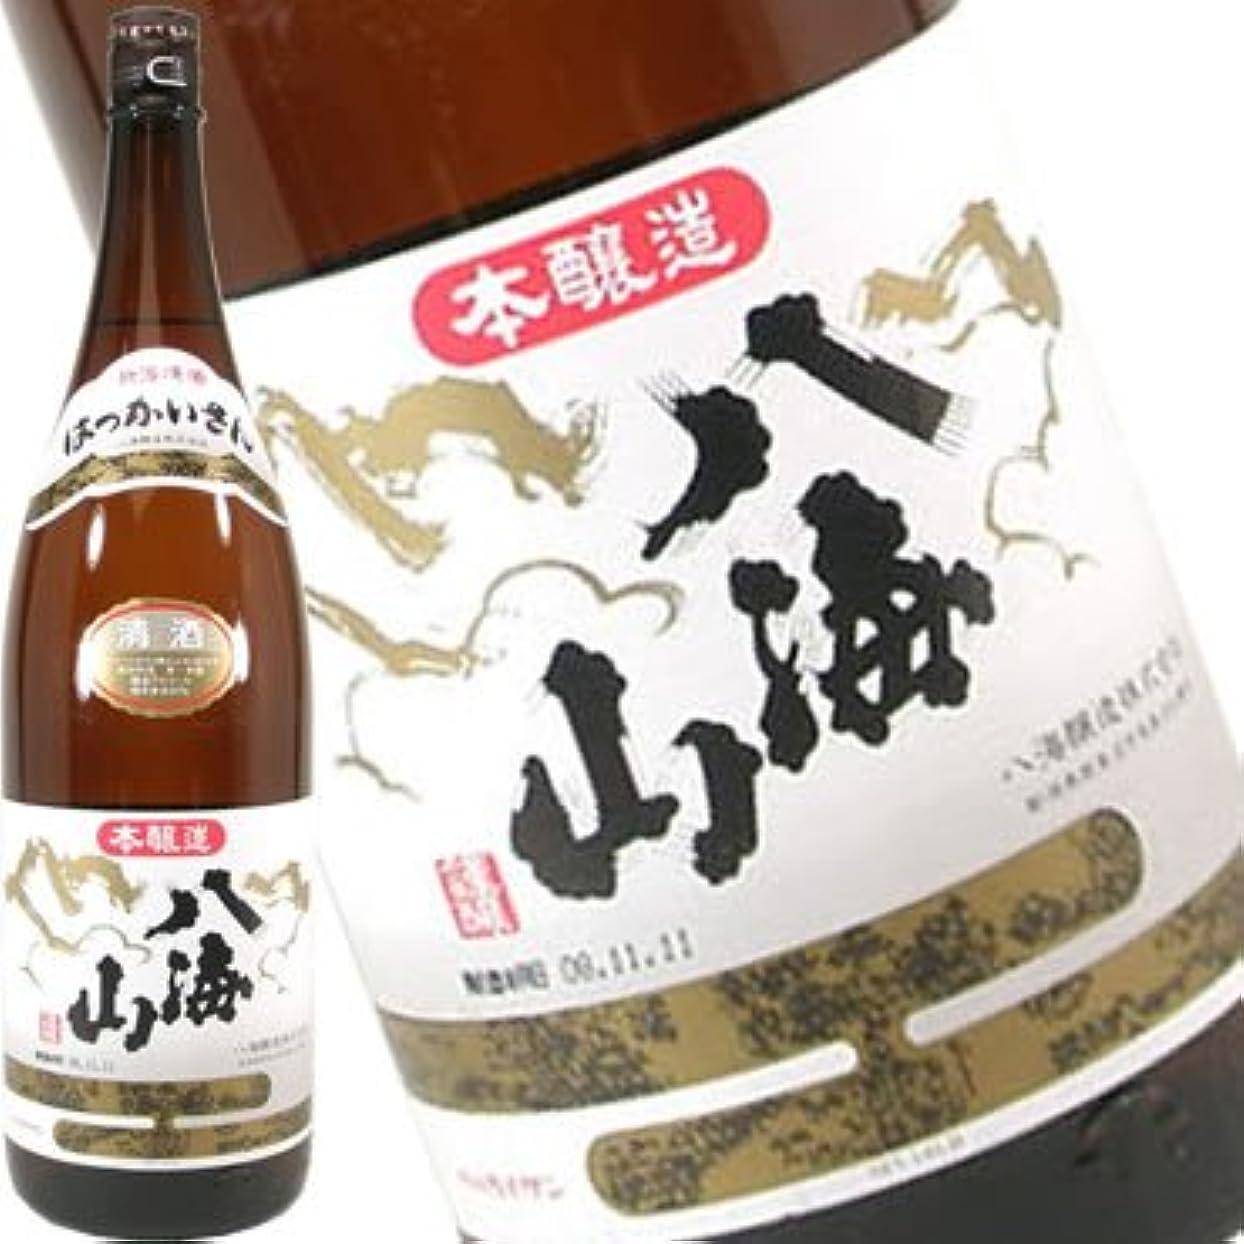 意識克服する差別する八海醸造 八海山 本醸造 1800ml(日本酒)